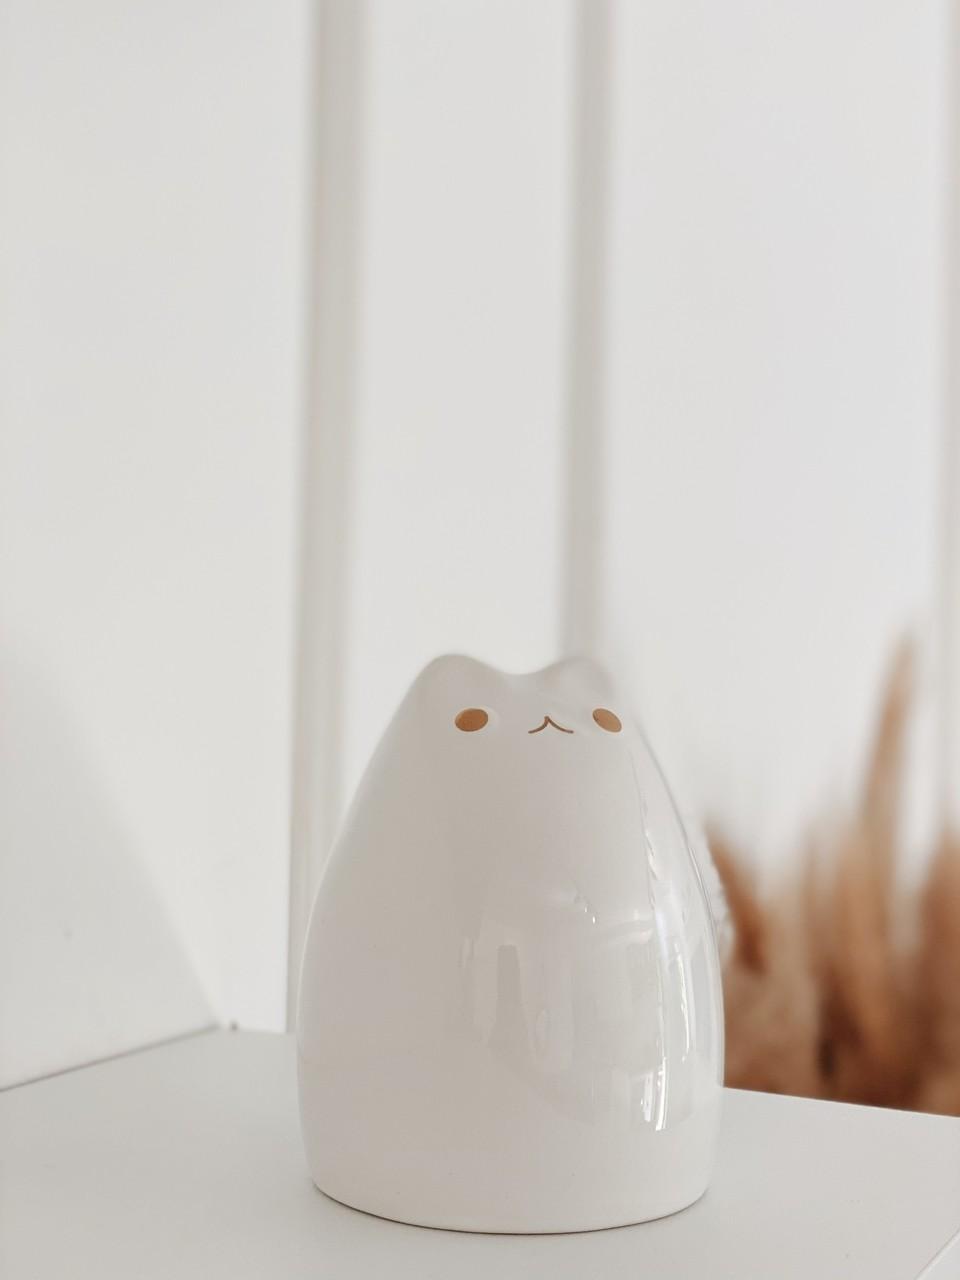 Gato Decorativo  - CASACOBRE